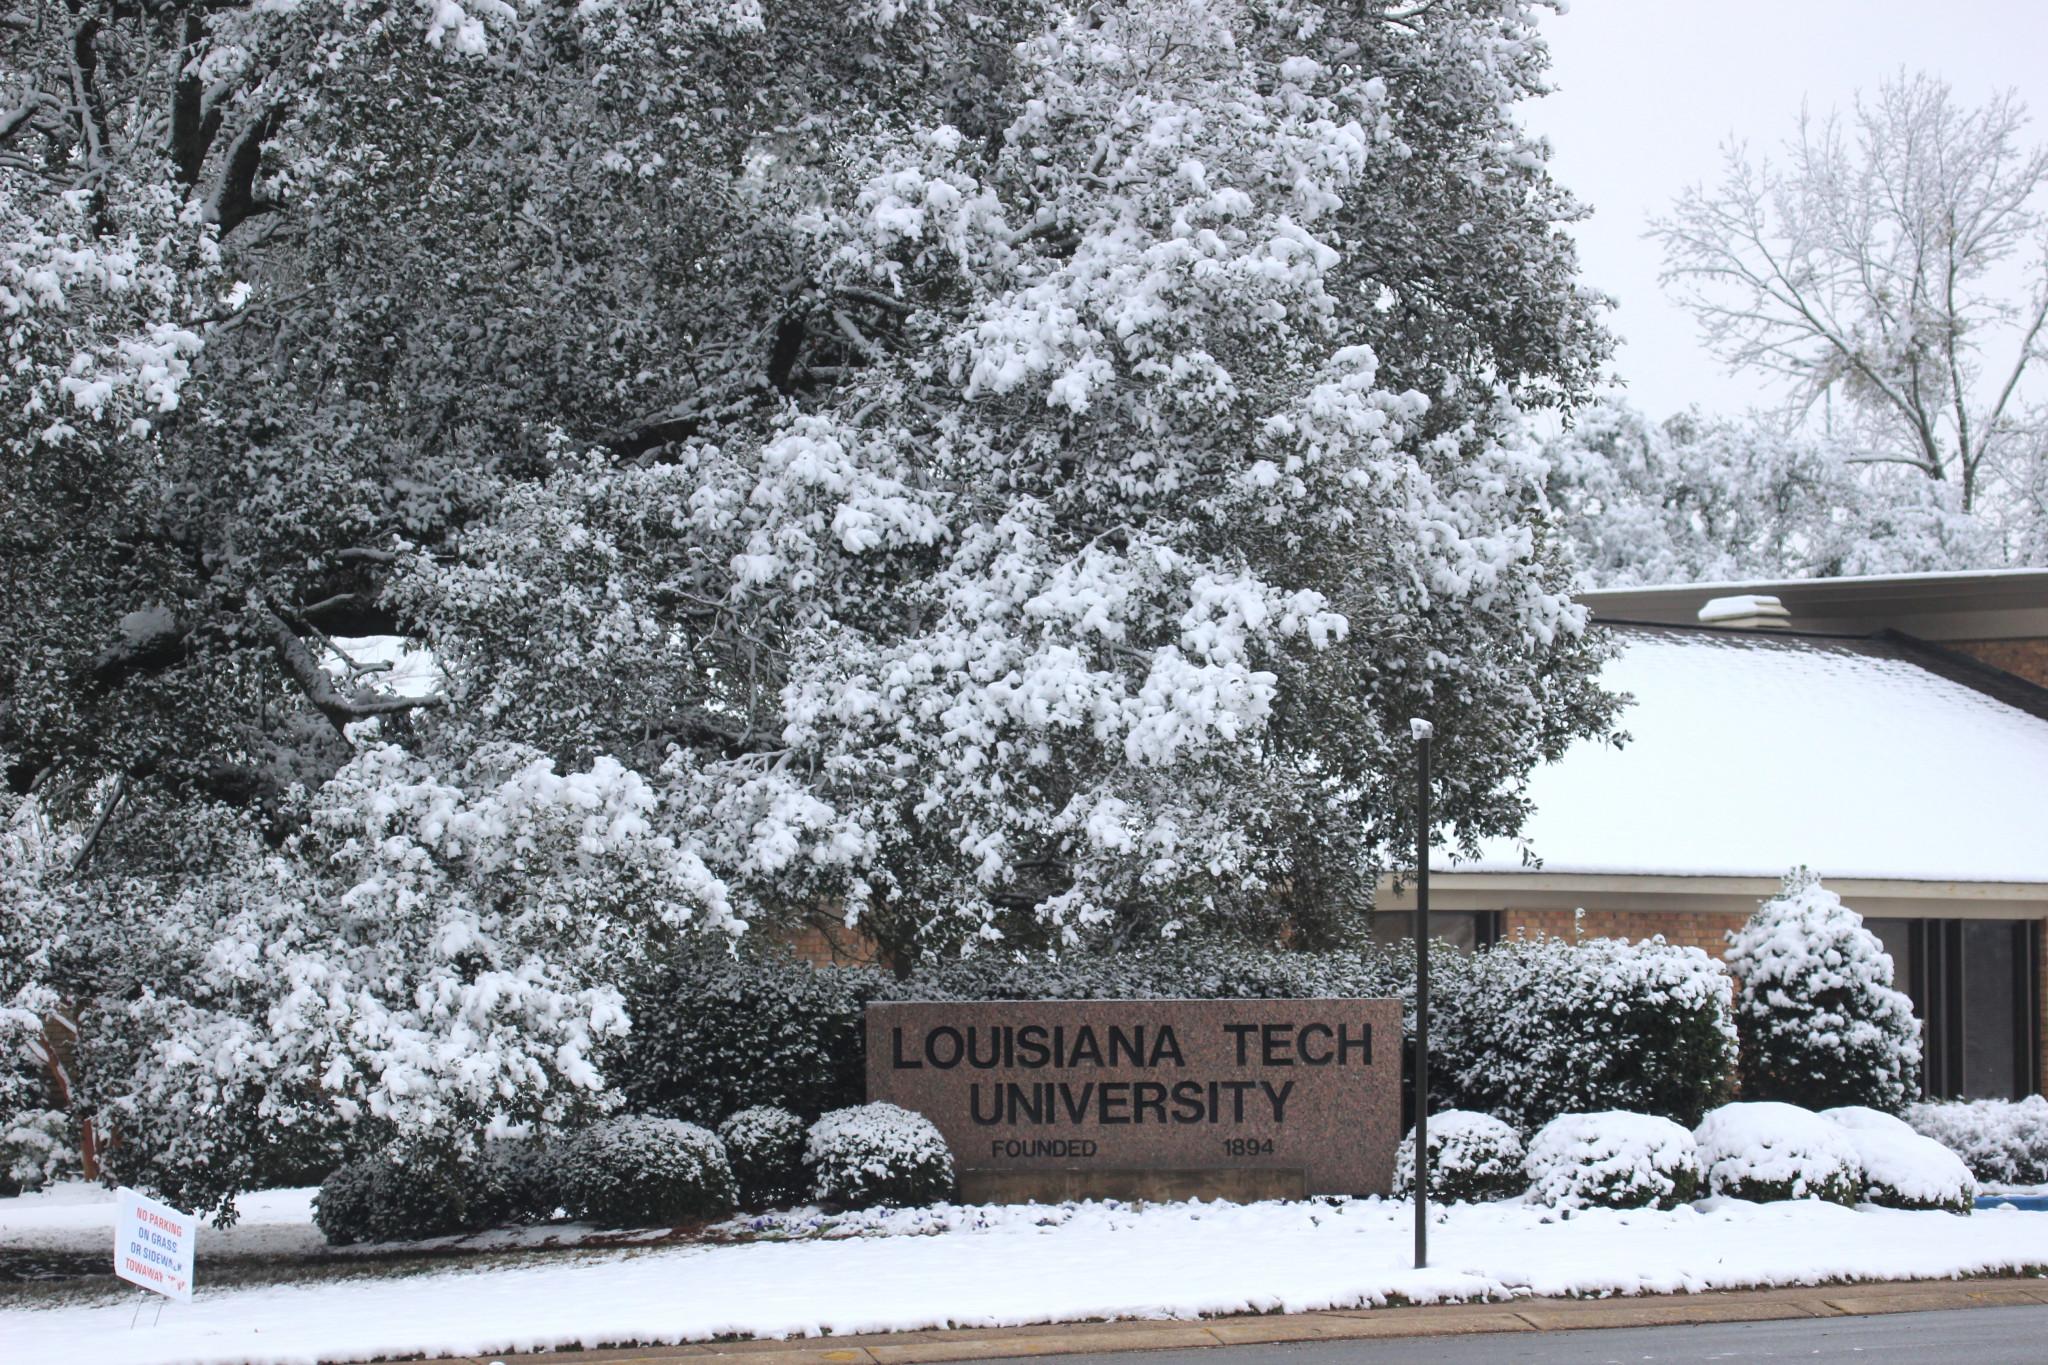 The Louisiana Tech University Alumni Center - Leader photo by T. Scott Boatright